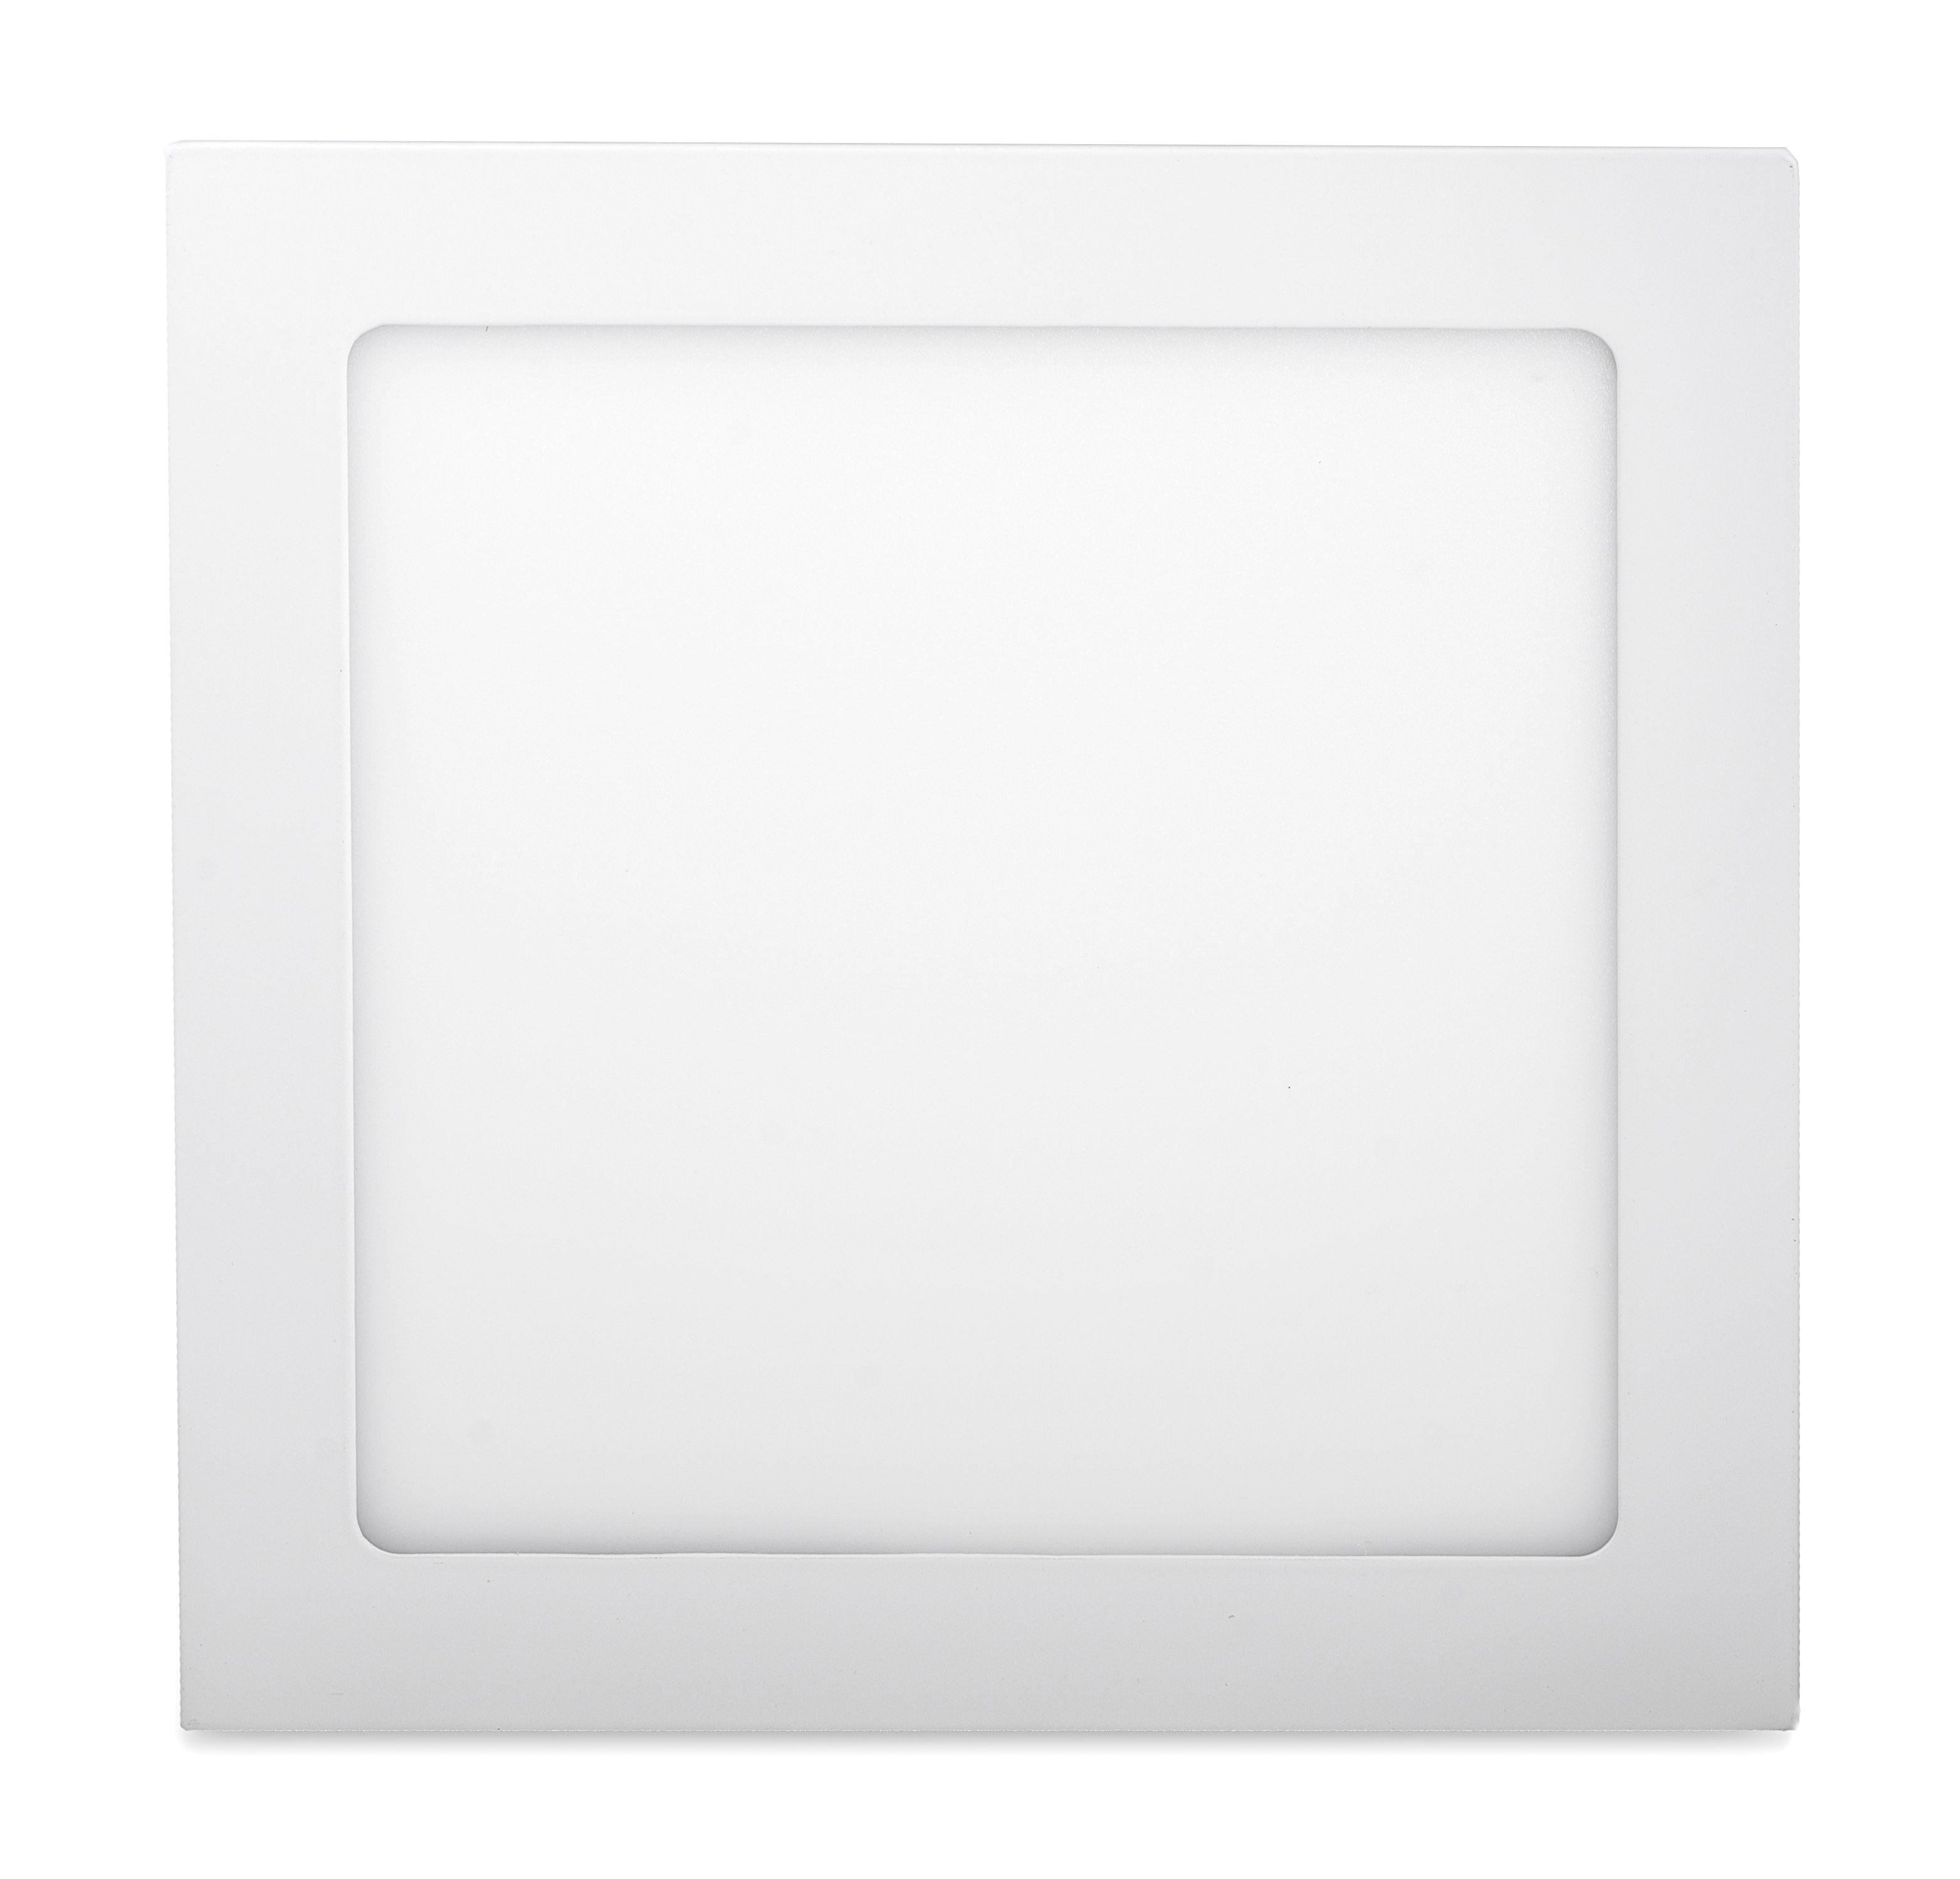 Ecolite Biely vstavaný LED panel hranatý 300 x 300mm 25W Farba svetla: Denná biela 102613